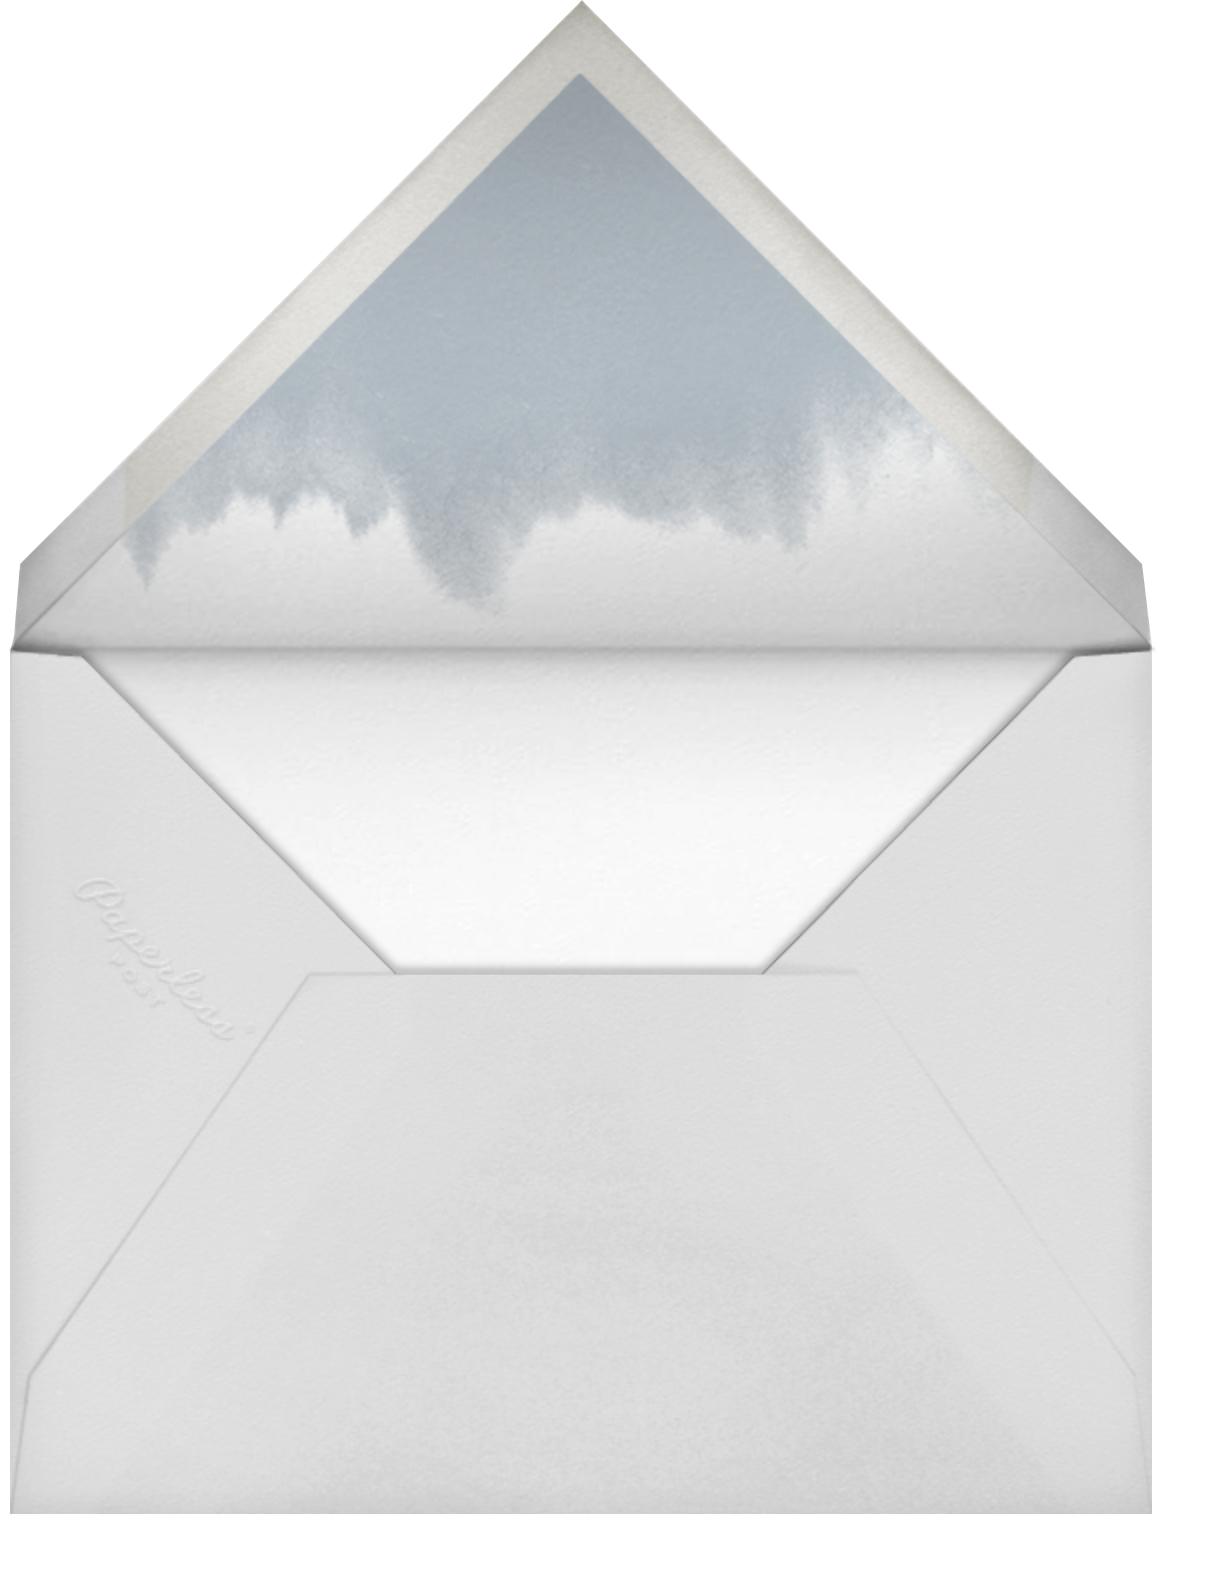 Sapphire - Paper Source - Graduation party - envelope back